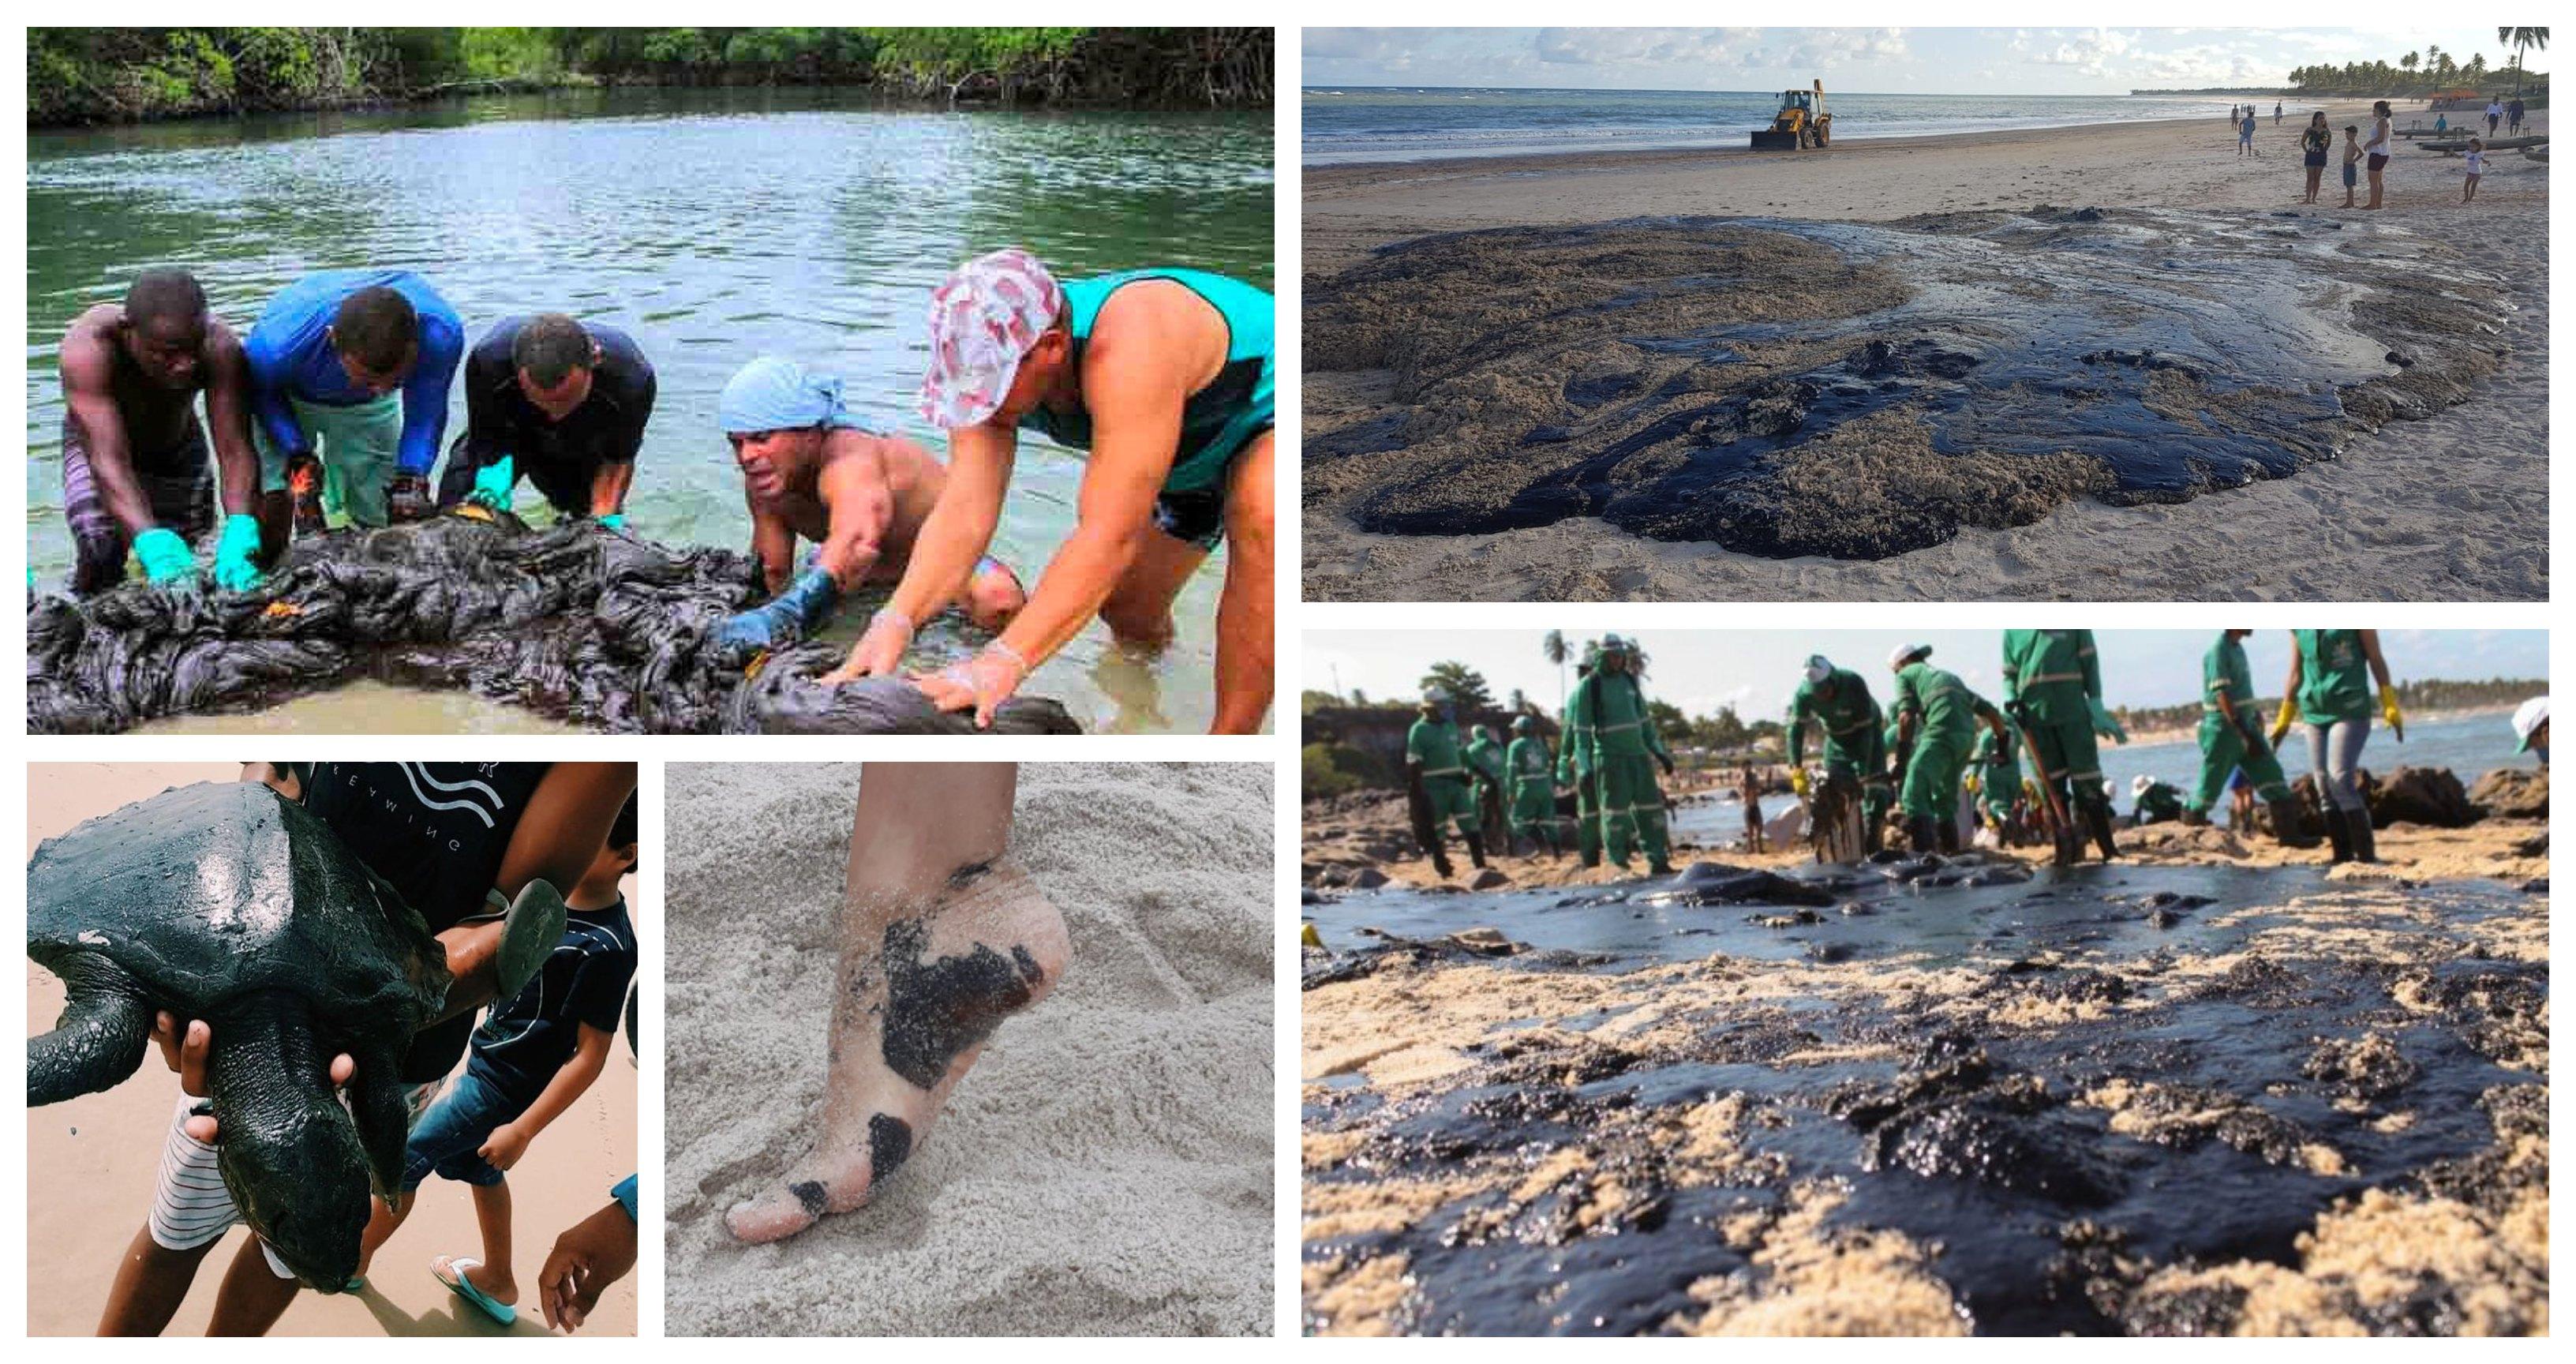 Óleo nas praias do Nordeste: Diante dos perigos, Fiocruz defende estado de emergência em saúde pública